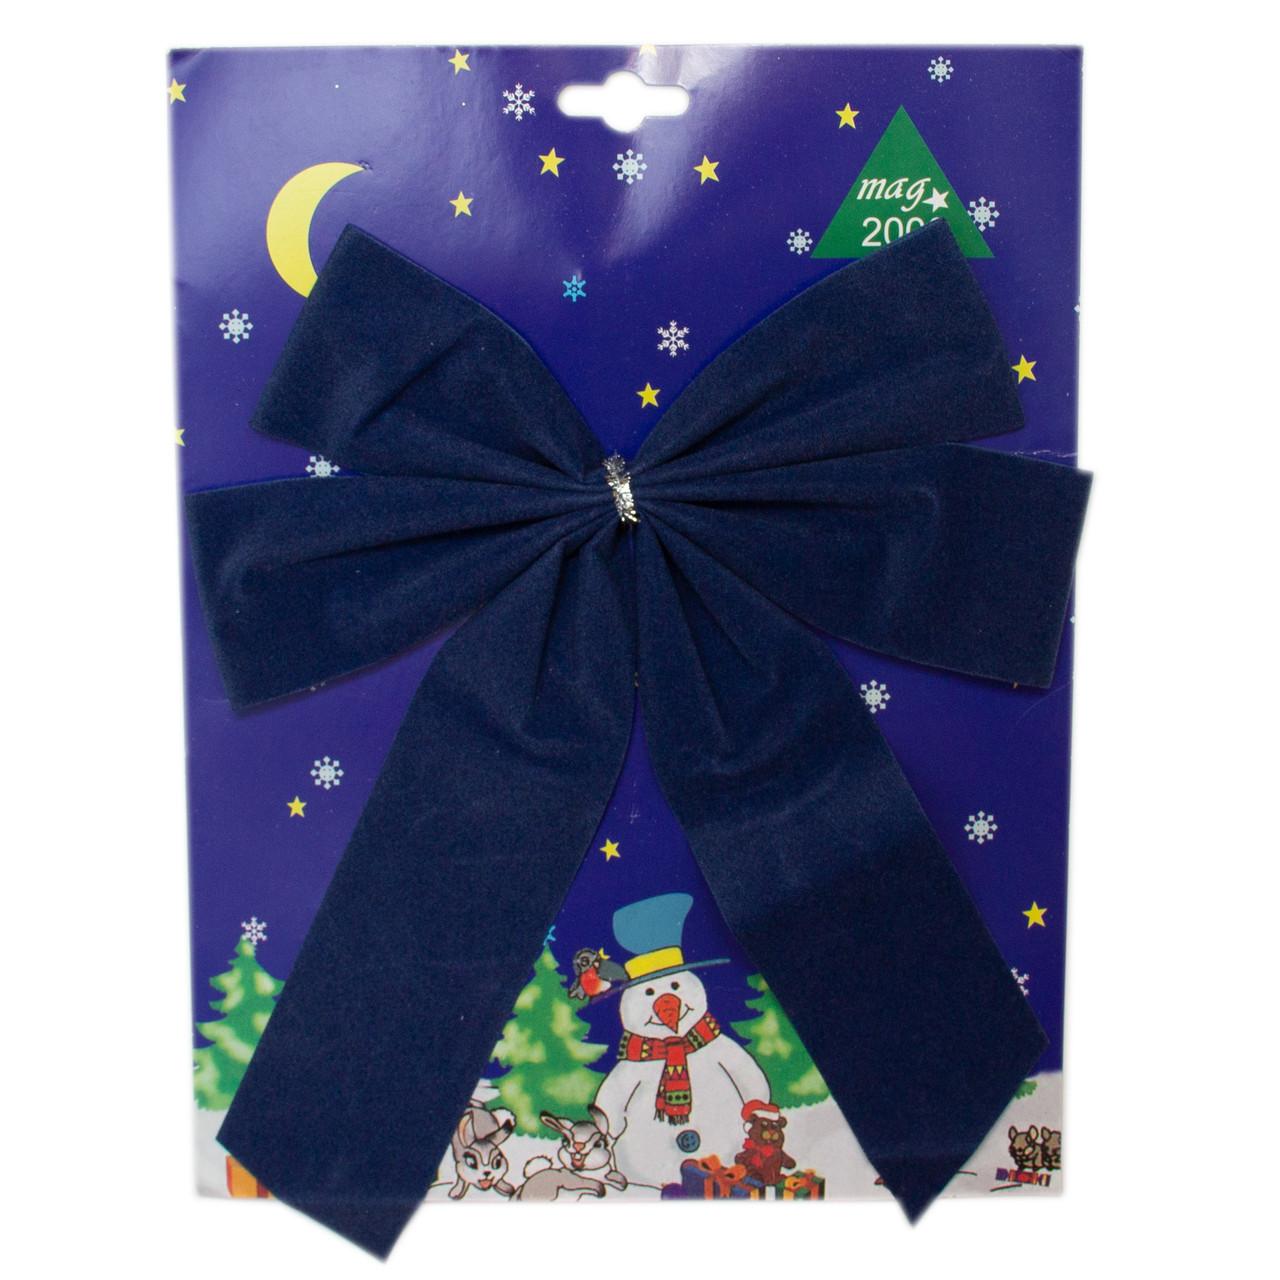 Елочное украшение - бантик, 1 шт,  25*20 см, синий, текстиль (471065-4)